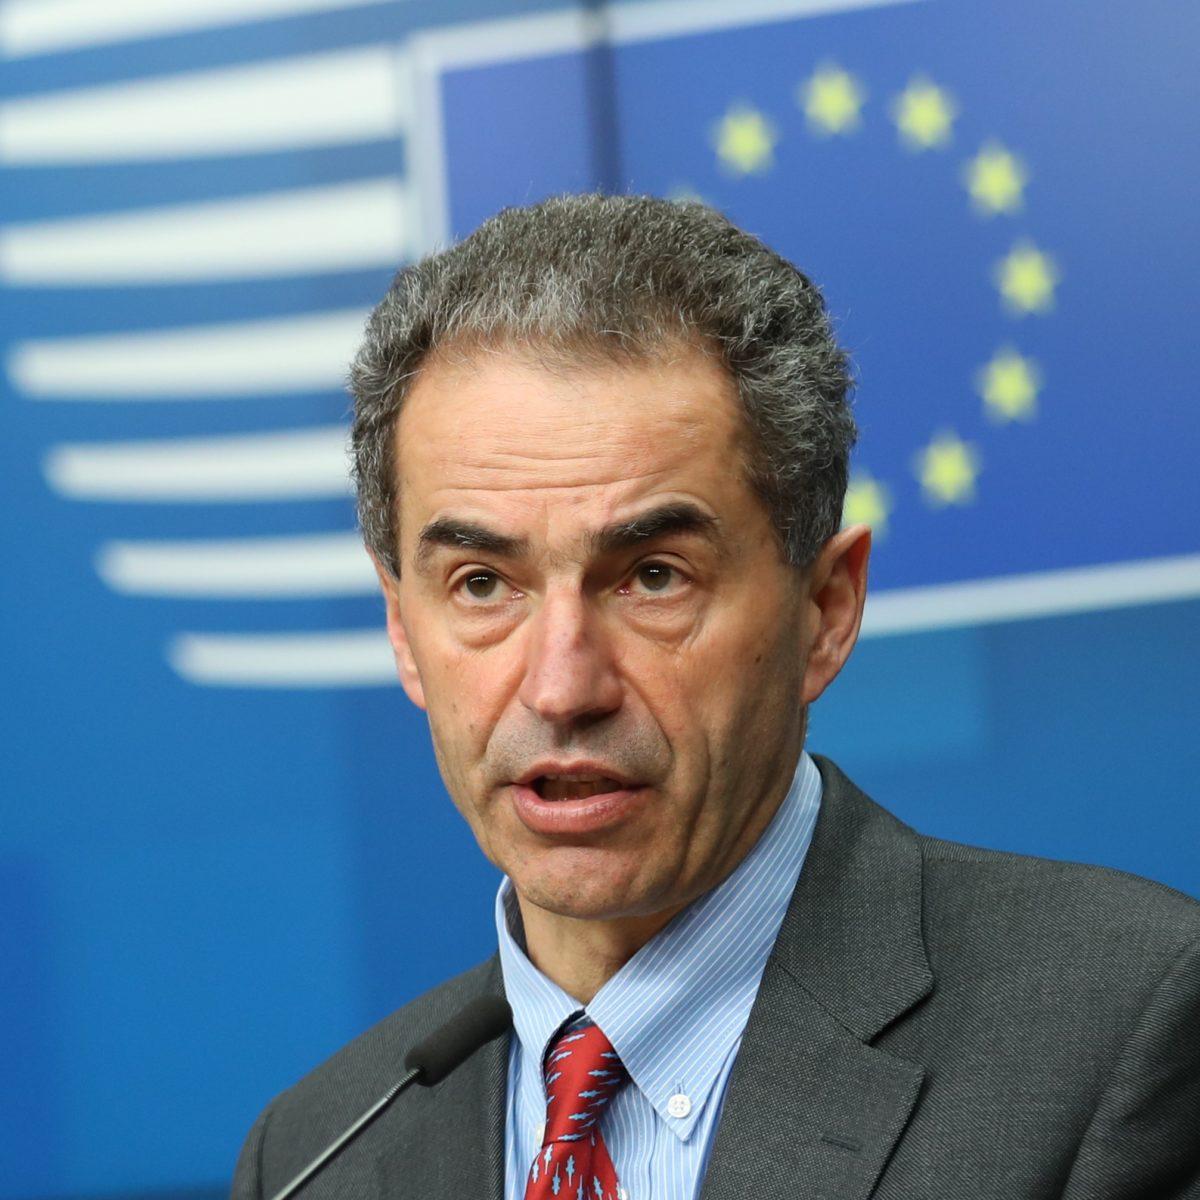 Il programma di ricerca dell'UE da 95,5 miliardi di EUR per il 2021-2027